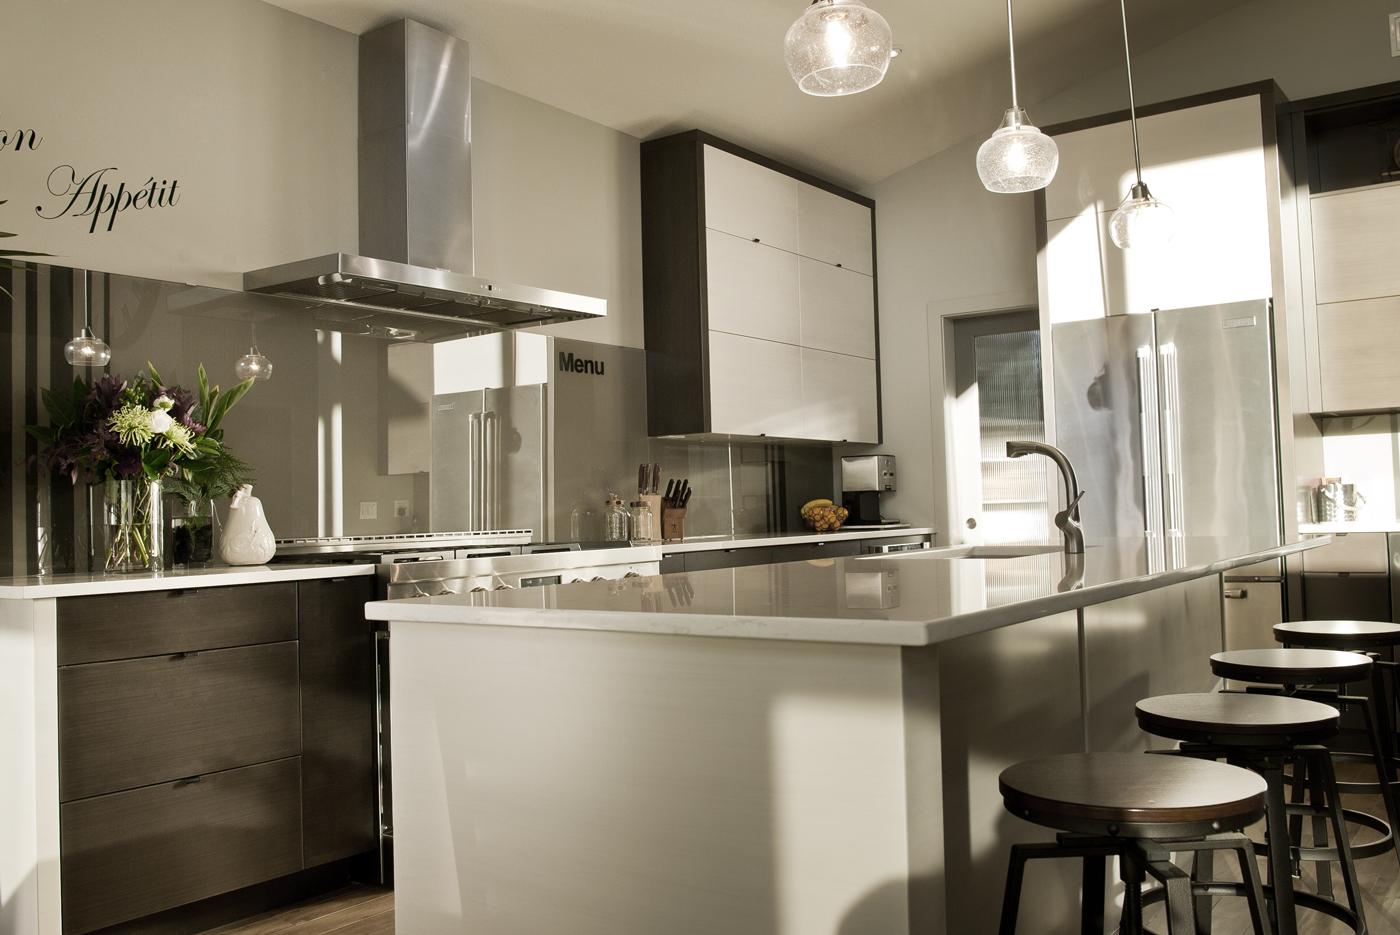 Dark Range Kitchen cabinets by Superior Cabinets